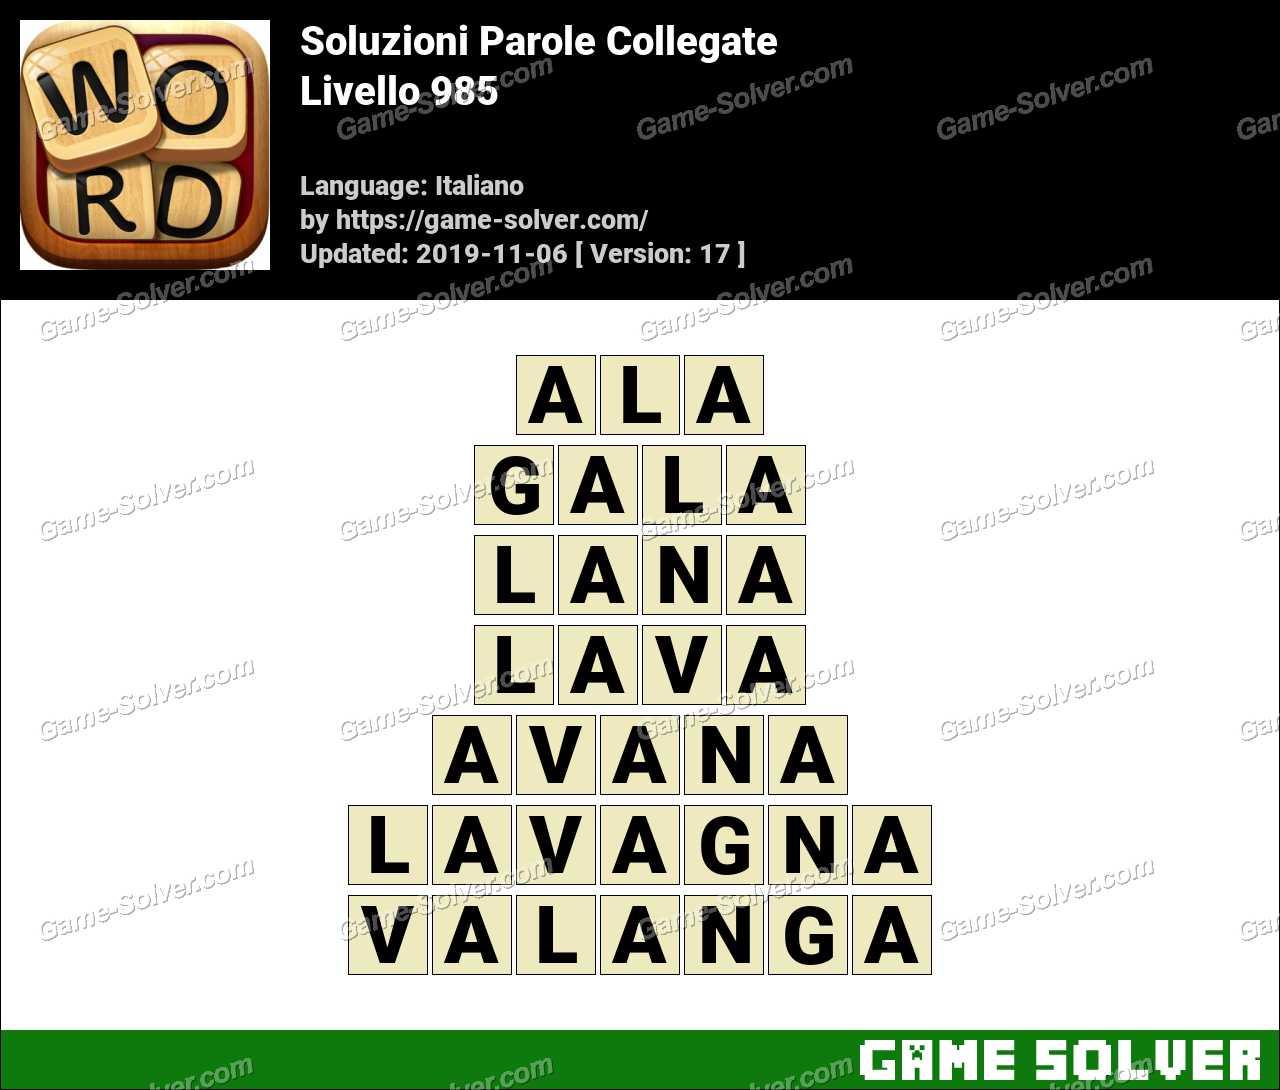 Soluzioni Parole Collegate Livello 985